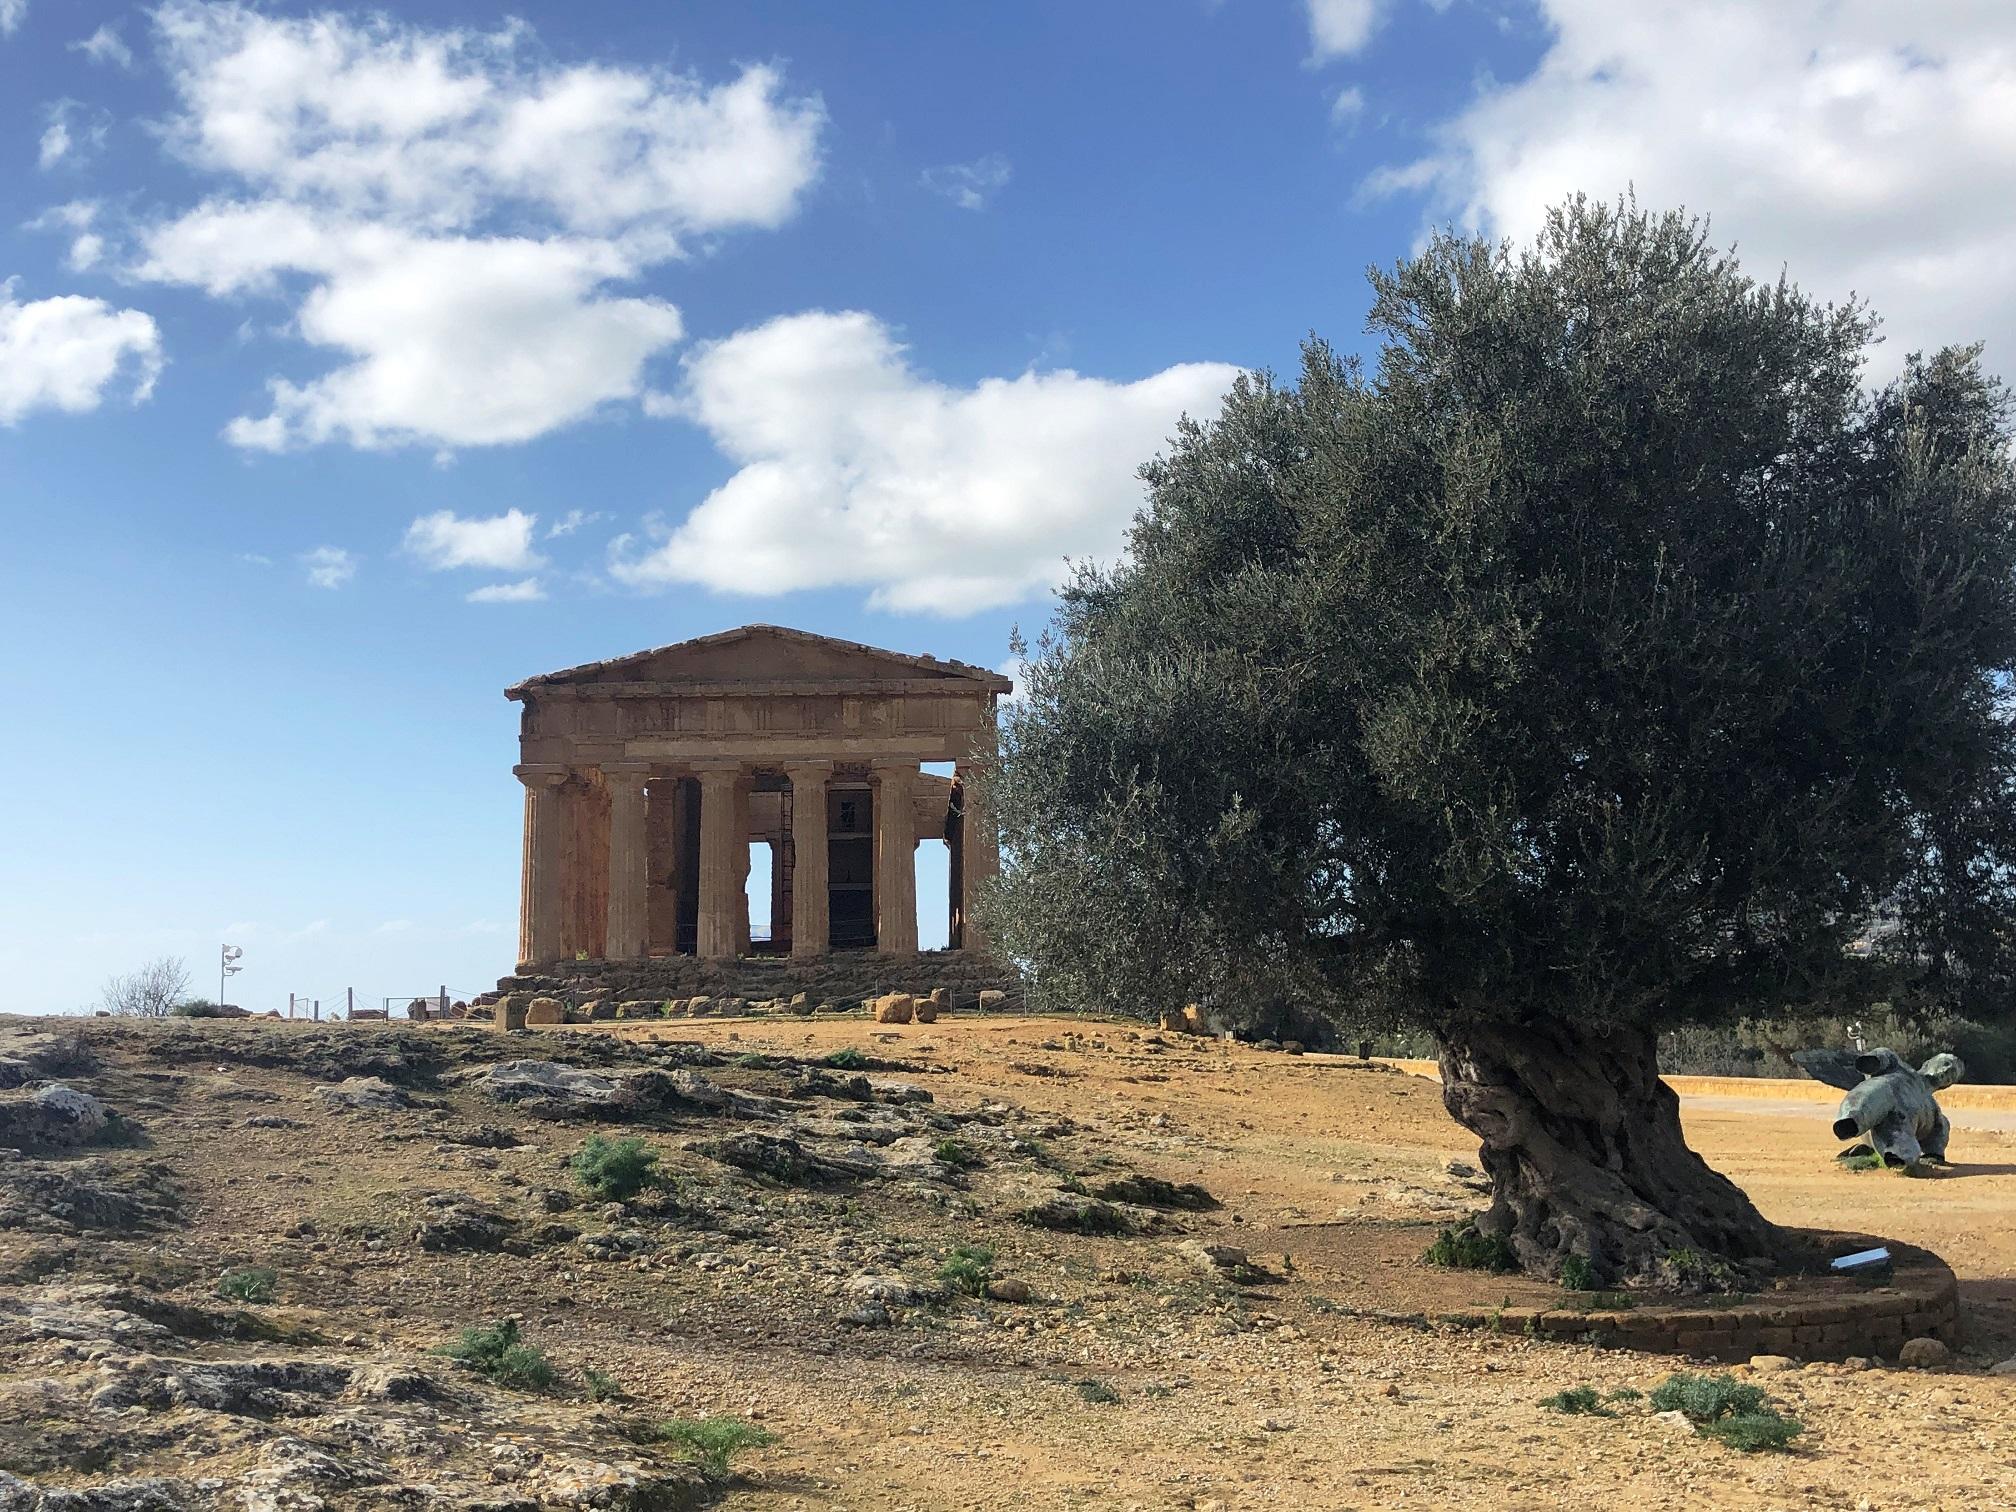 Valle dei Templi Agrigento aperta a Pasqua: sito più visitato in Sicilia